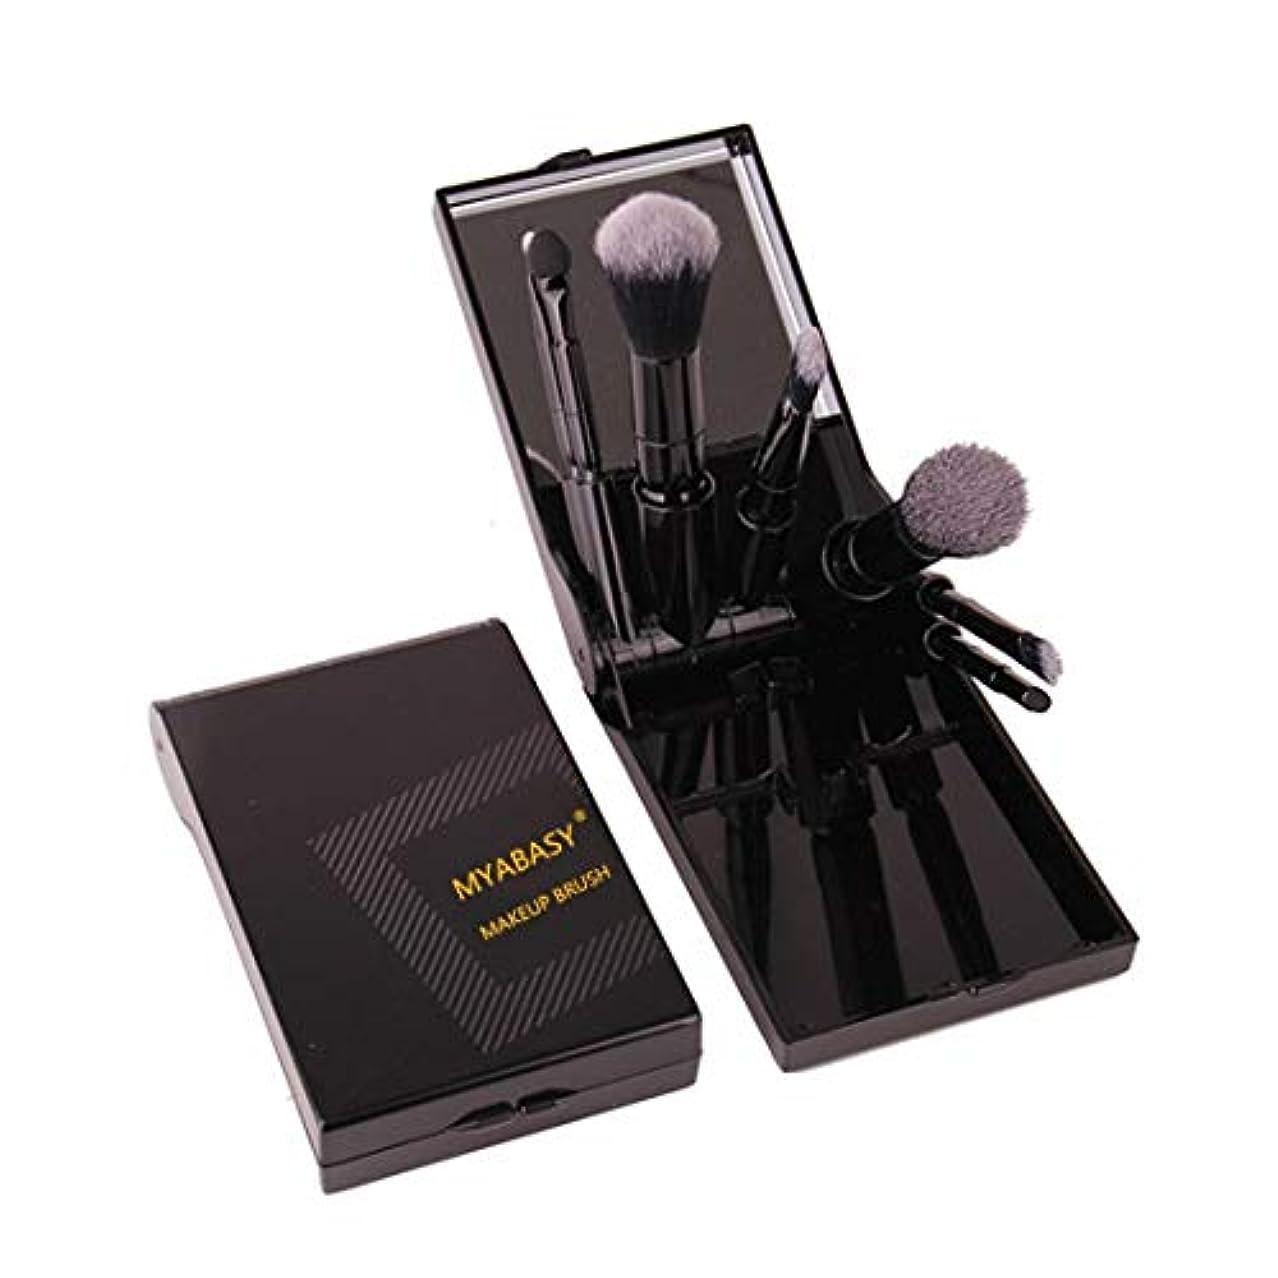 書き込み有用情緒的Makeup brushes アイシャドウとその他の観賞用、赤面、ファンデーションに適している、7メイクアップブラシ suits (Color : Black)